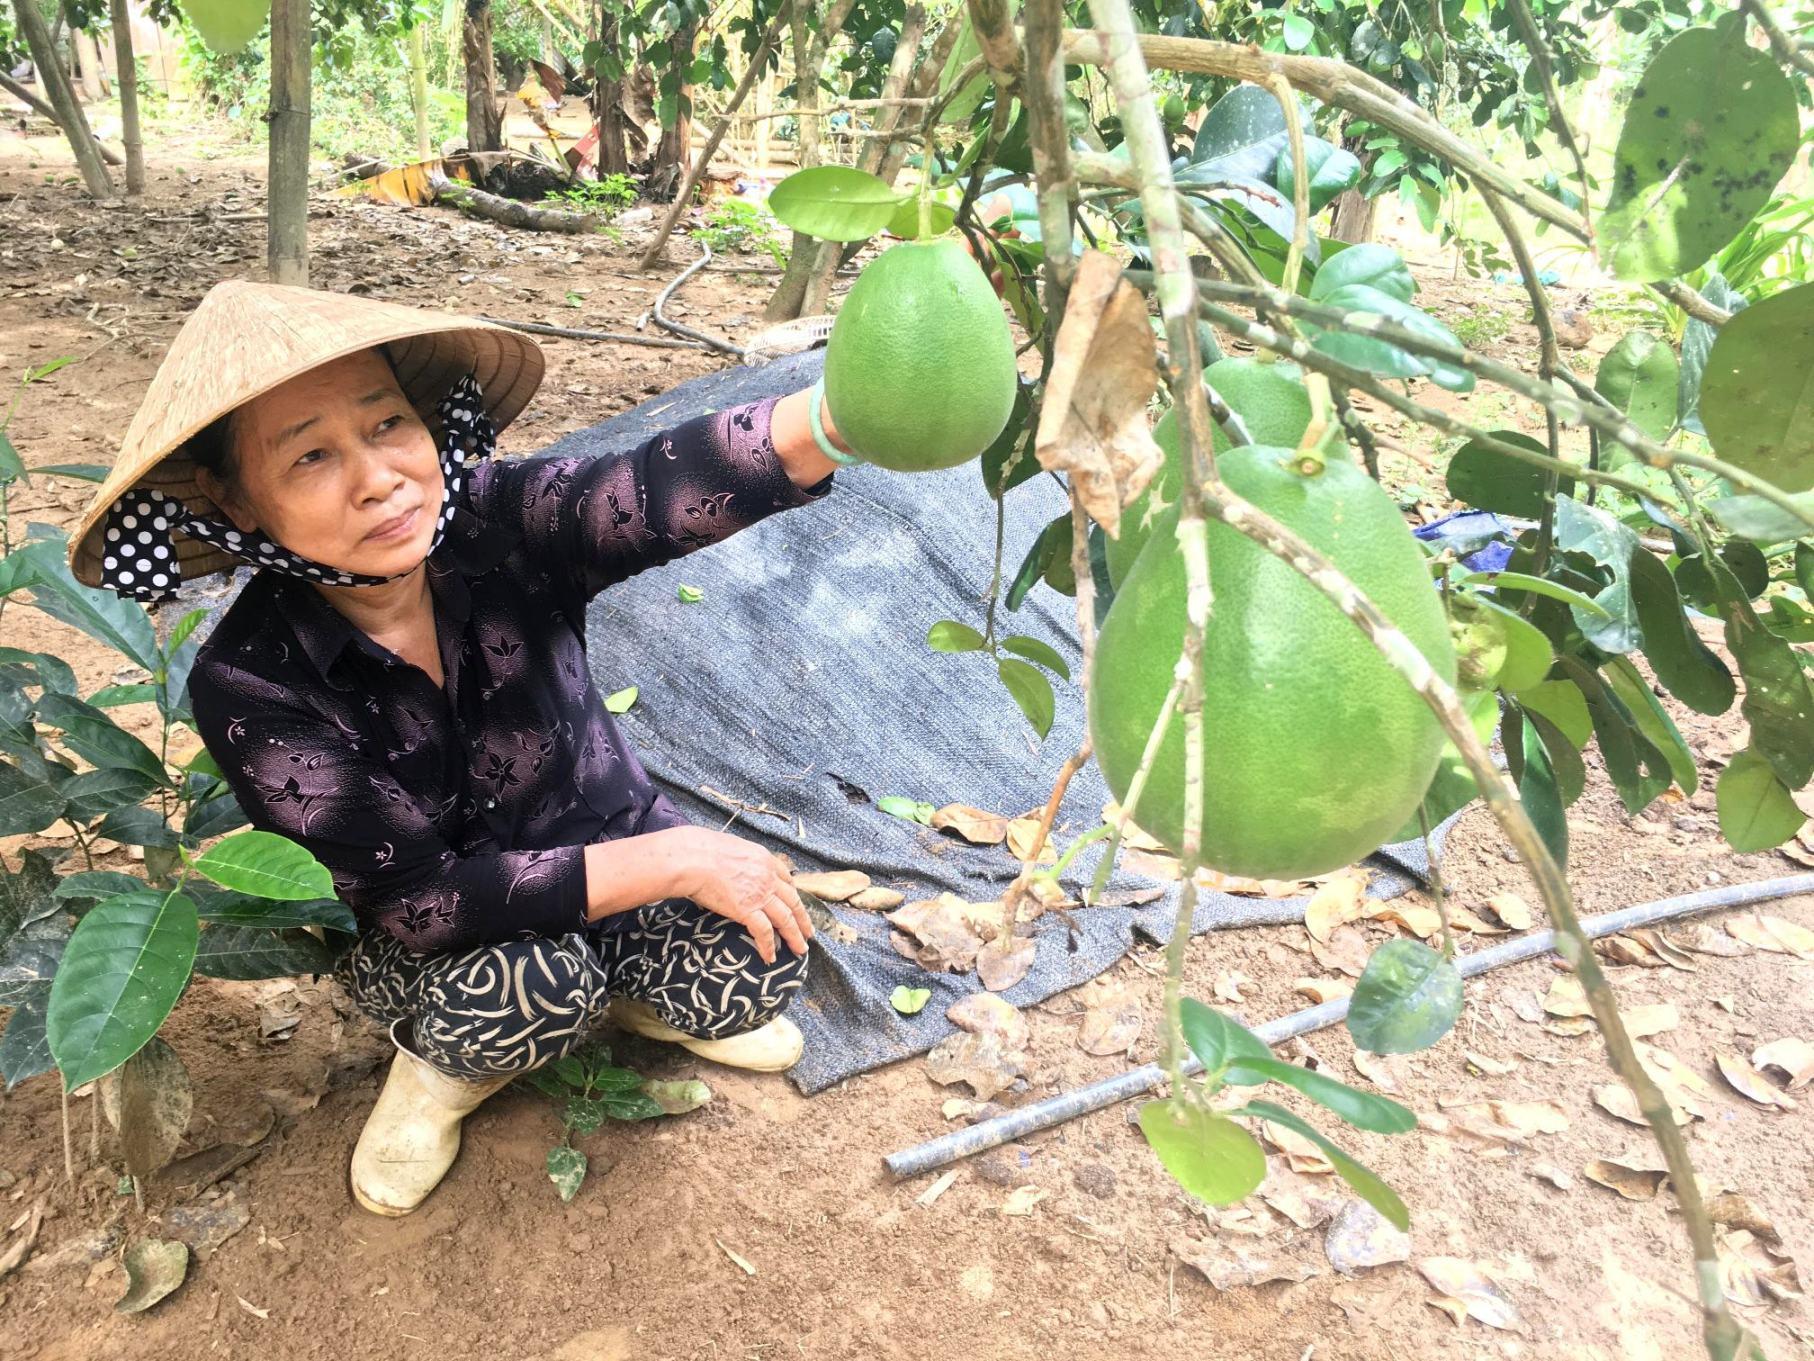 Giống bưởi trụ Đại Bình được đưa ra trồng ở những vùng lân cận vẫn cho hiểu quả cao. Ảnh: VINH THÔNG